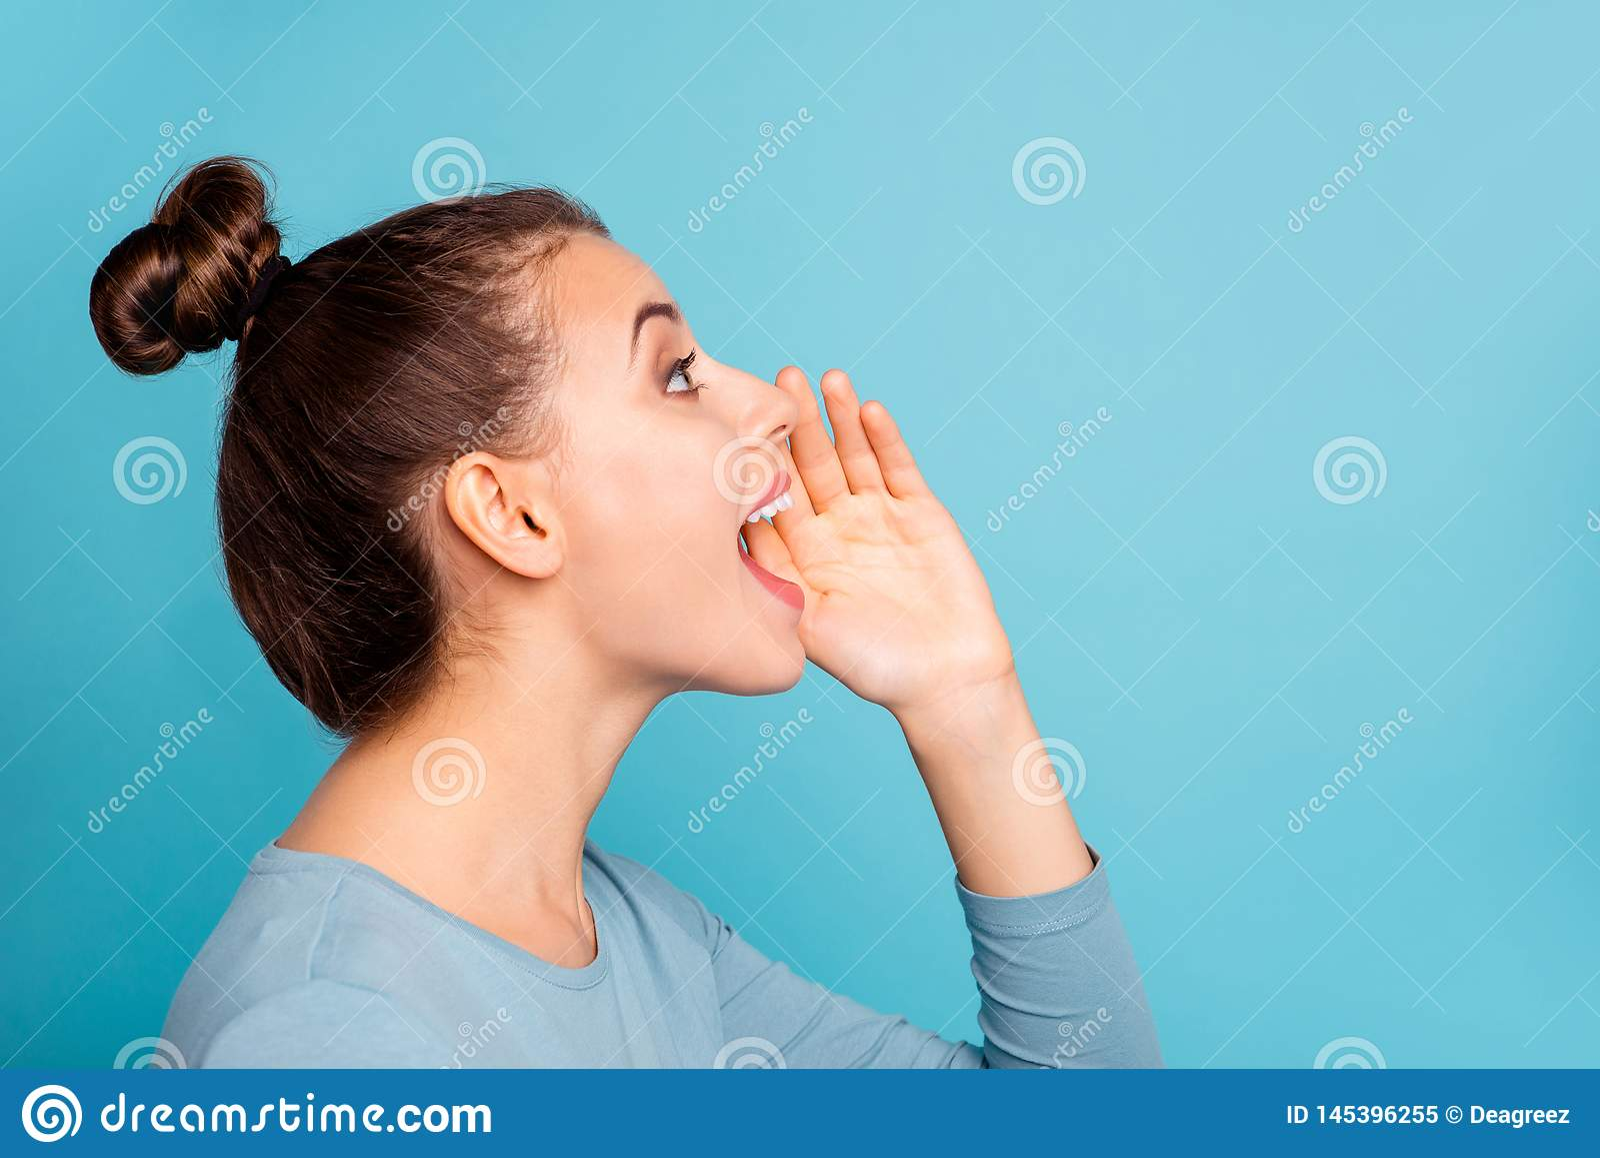 Profilowa bocznego widoku fotografia śmiesznego ostrego nastoletniego nastolatka krzyka reklam głośne odkrywczość patrzeje w